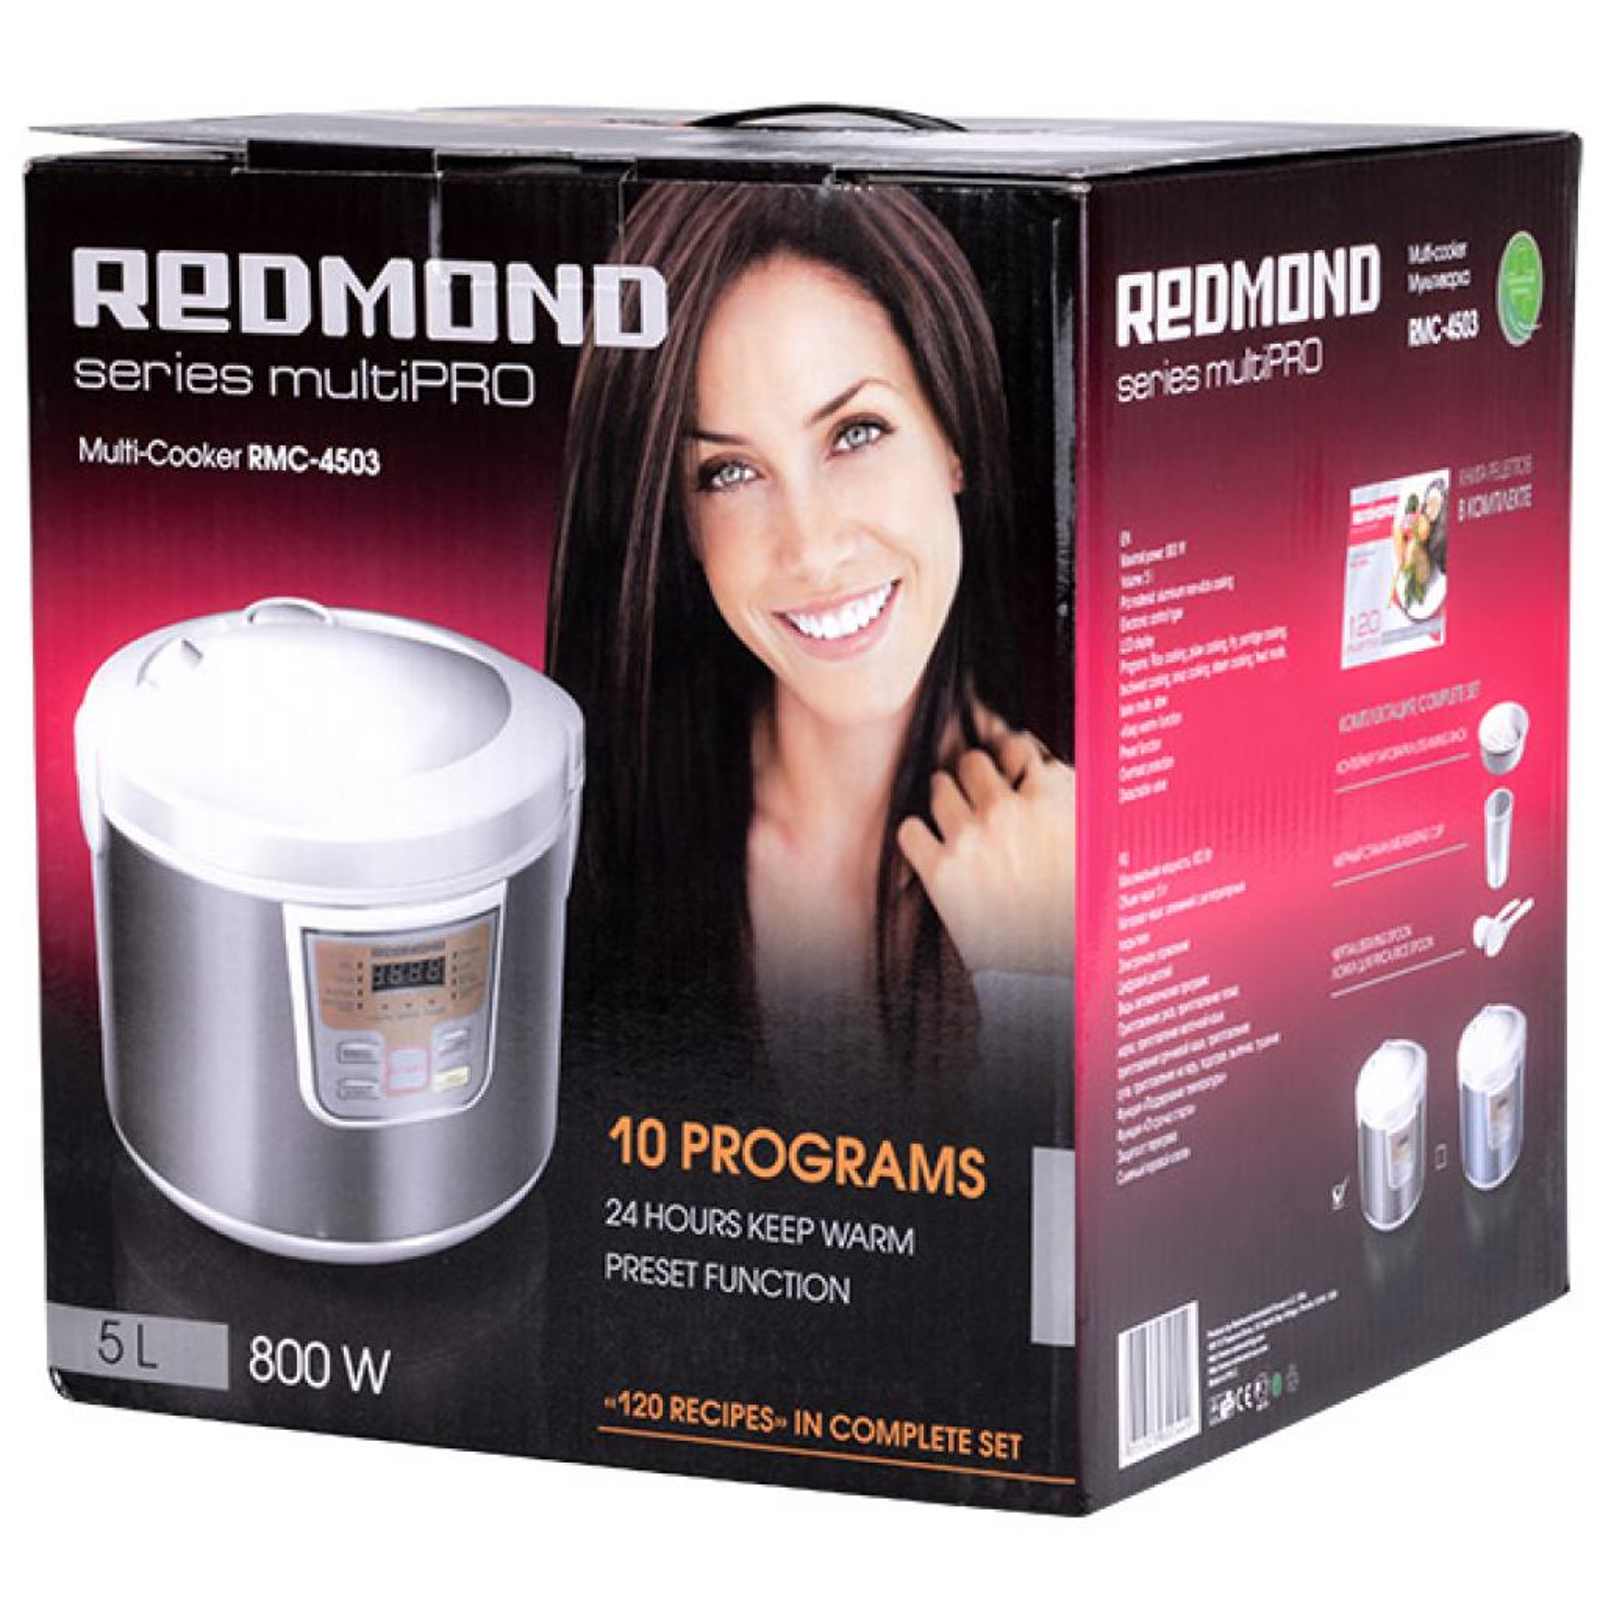 Мультиварка REDMOND RMC-4503 изображение 9